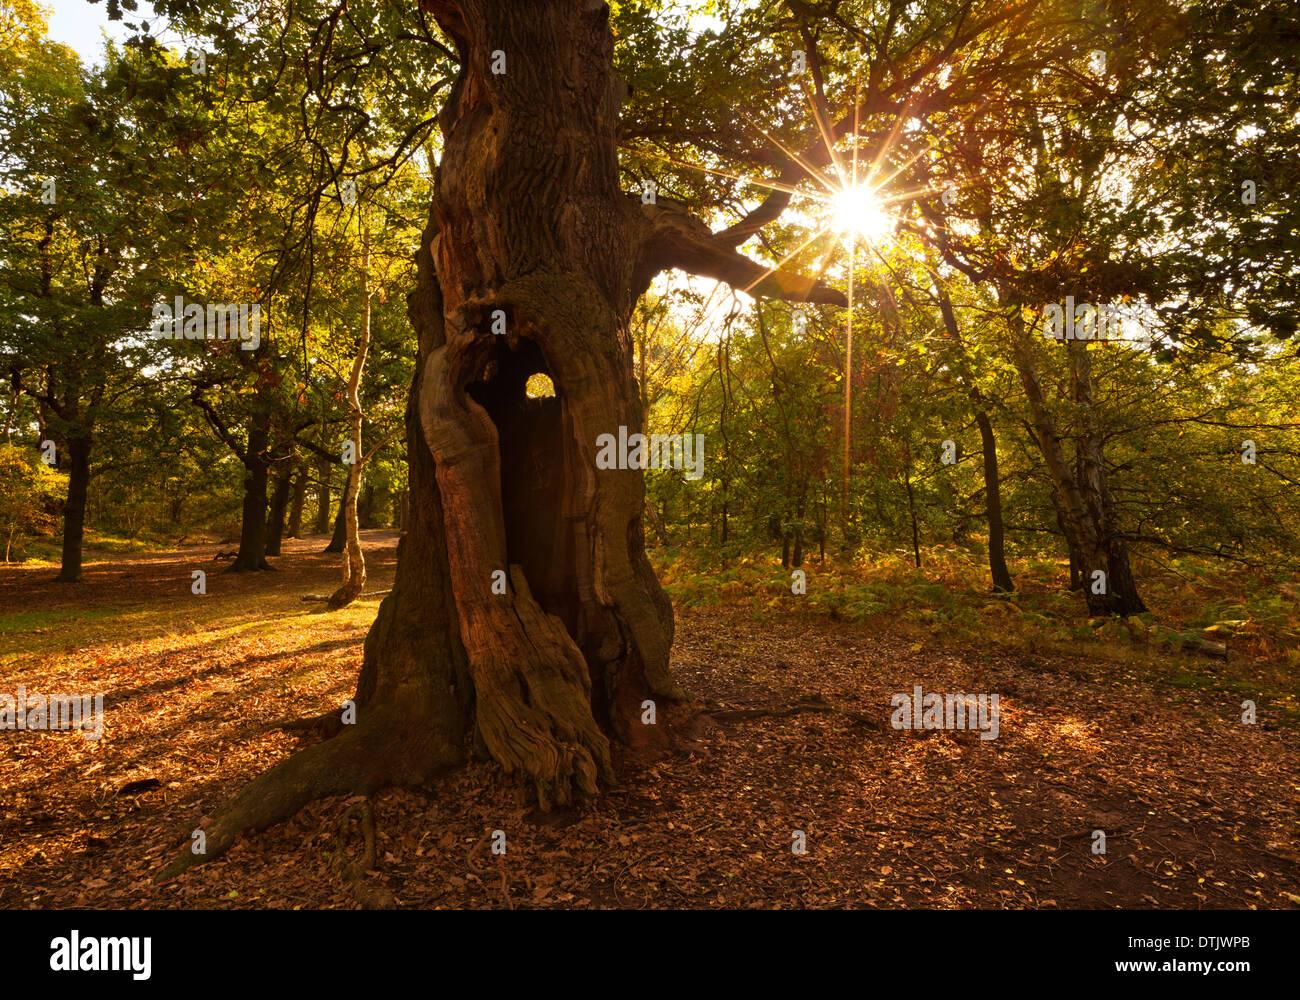 sherwood forest trees Edwinstowe nottinghamshire England UK GB EU Europe - Stock Image